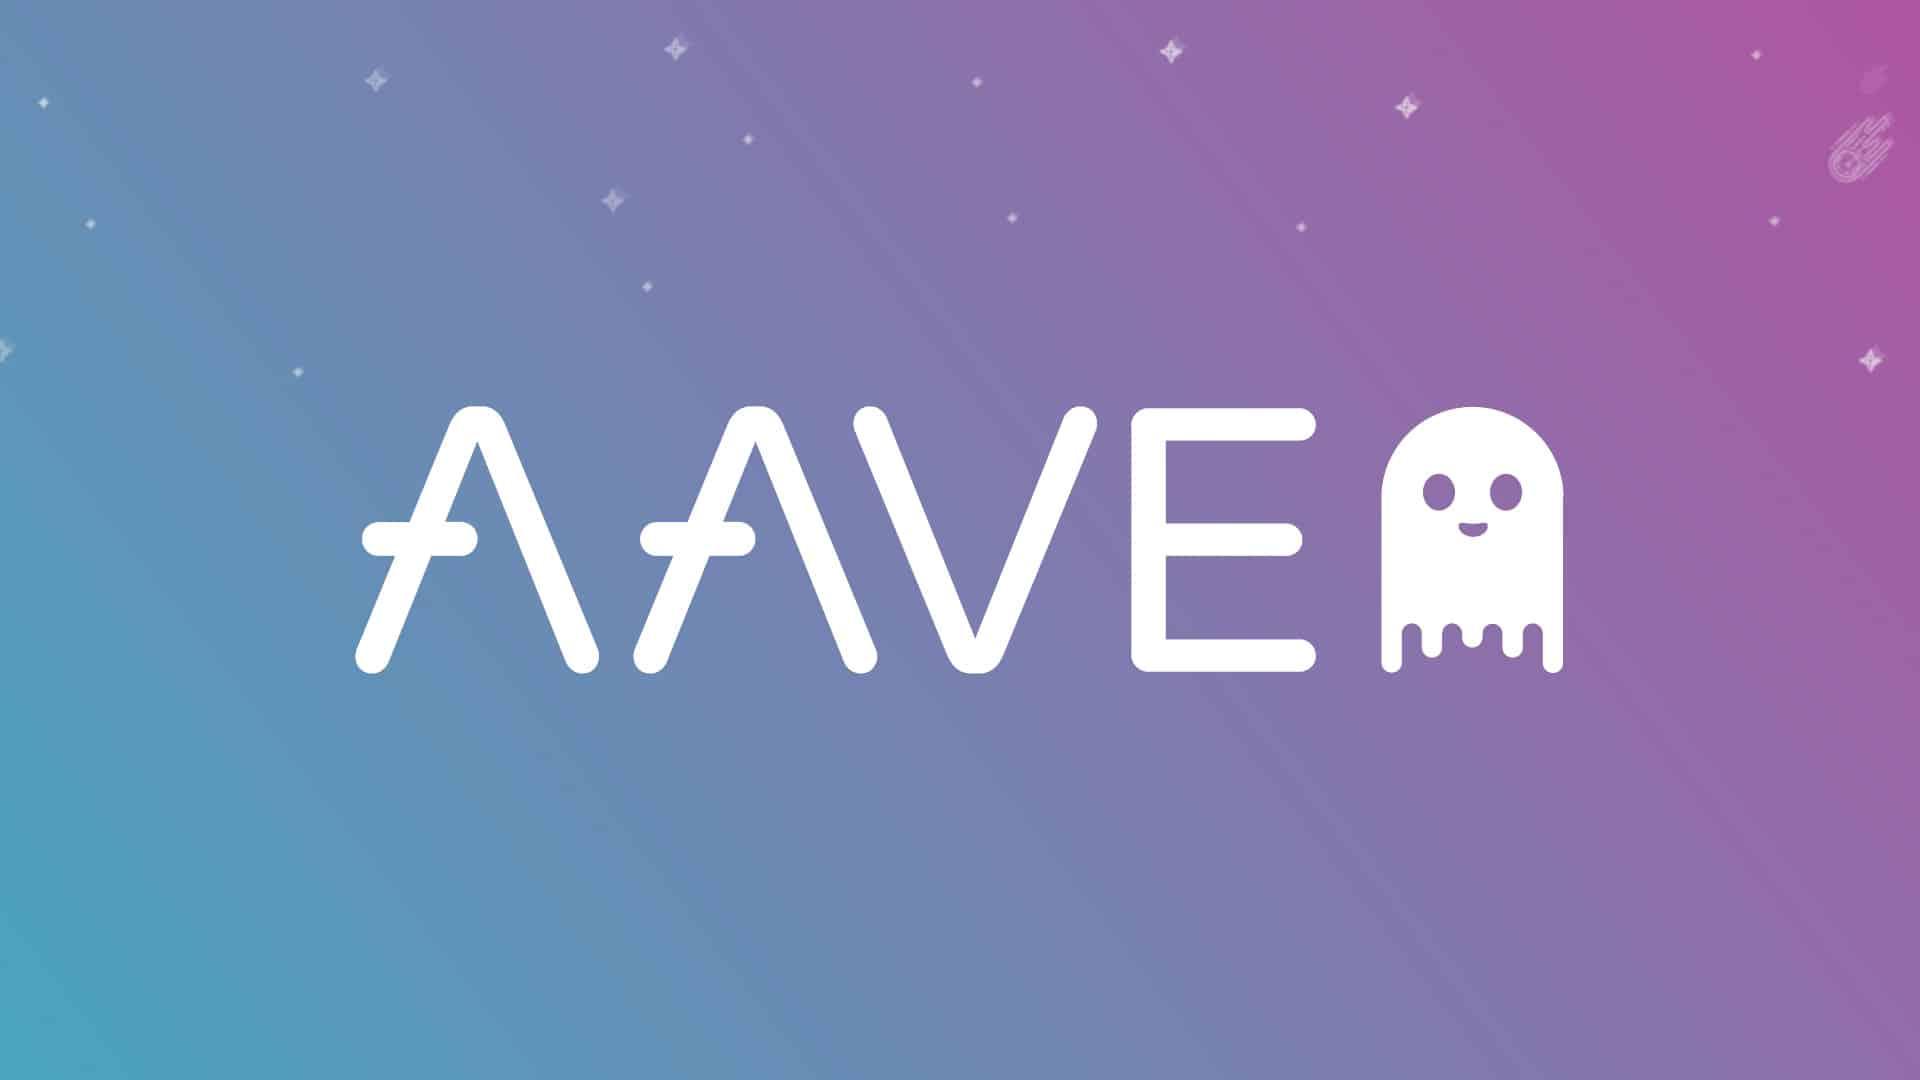 Aave | Top DeFi Lending Platforms (2021)